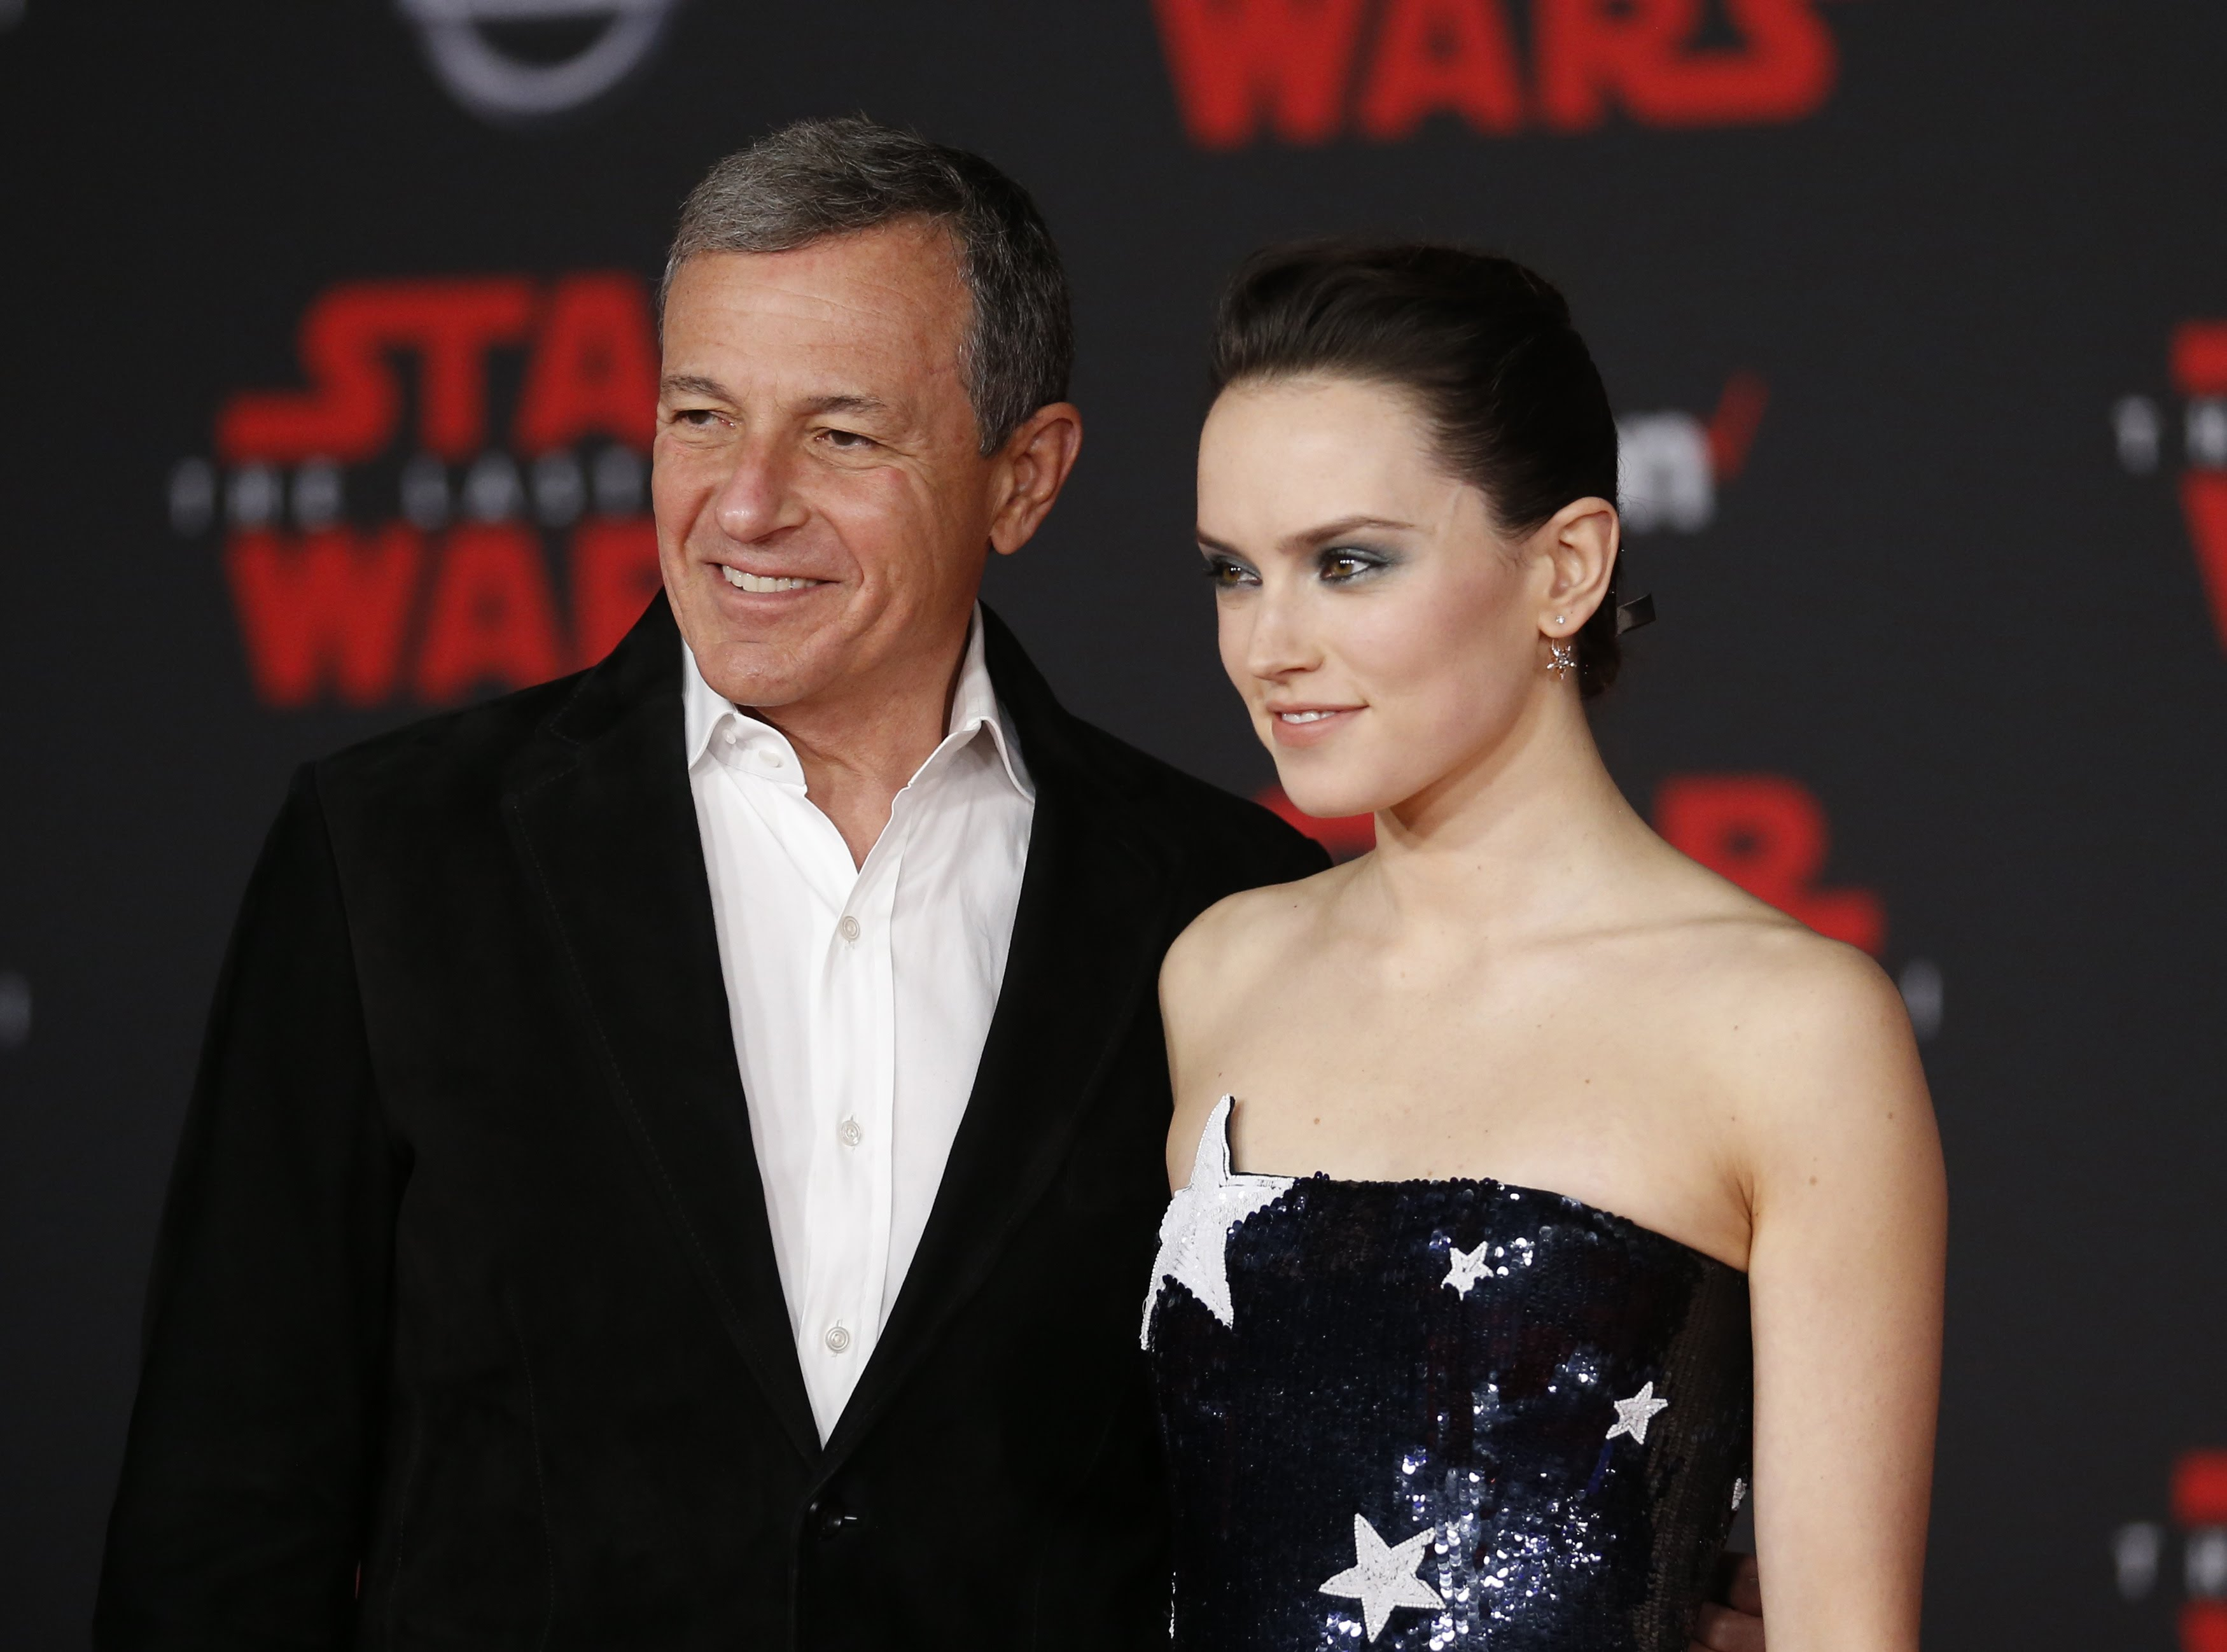 The Next Star Wars Movie :「ザ・ライズ・オブ・スカイウォーカー」後の新しい未知の「スター・ウォーズ」の映画について、ディズニー代表のボブ・アイガー氏が語ってくれた ! ! - CIA Movie News